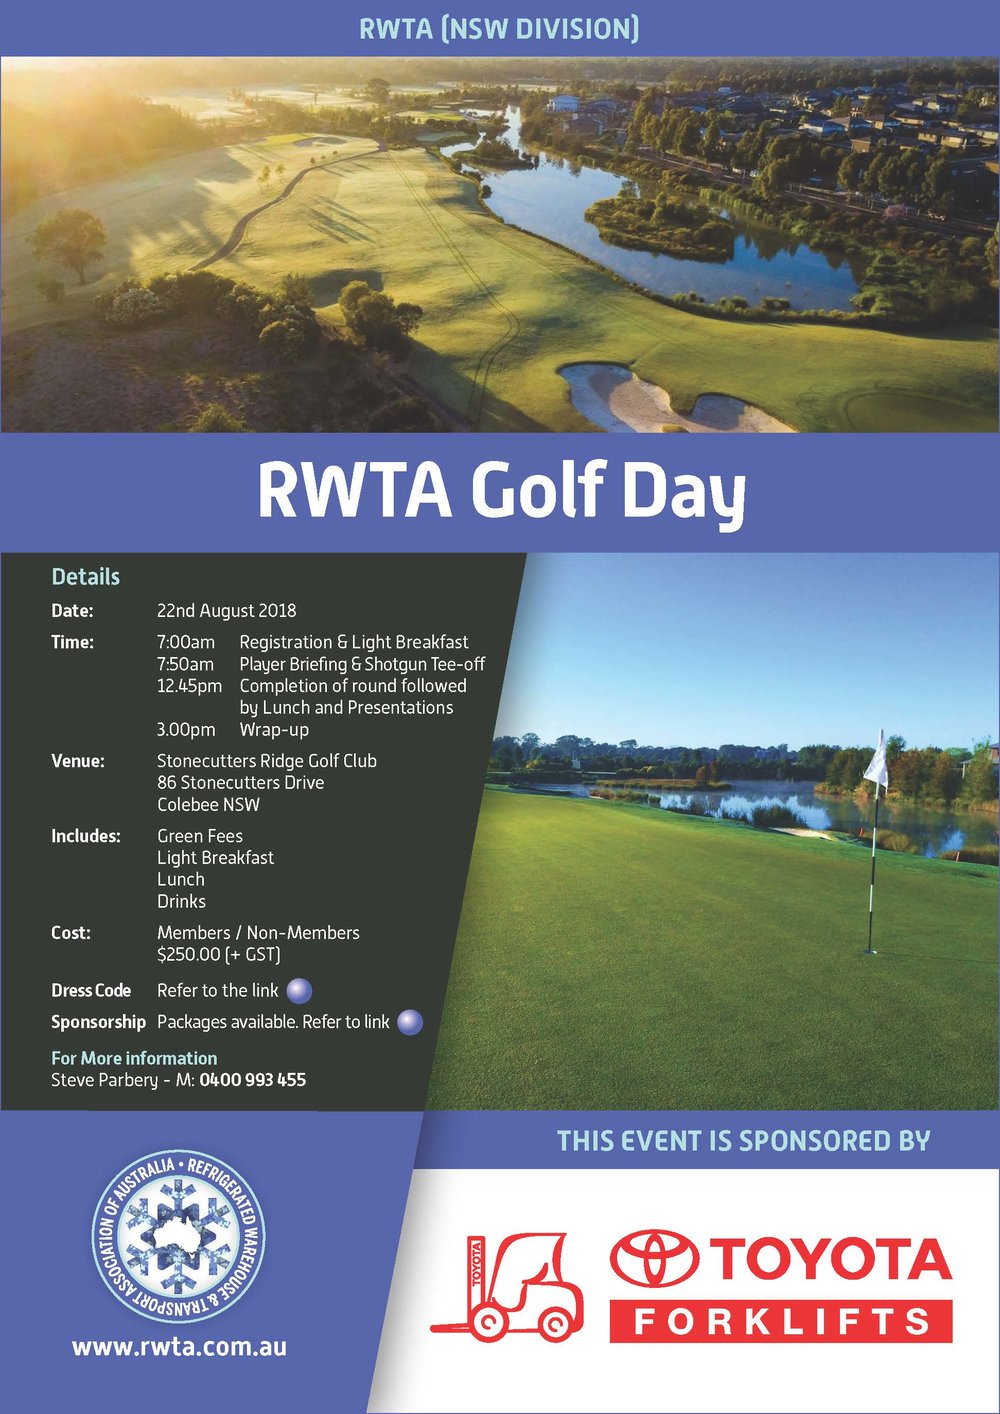 12232_RWTA_NSW Golf Day_V2.jpg